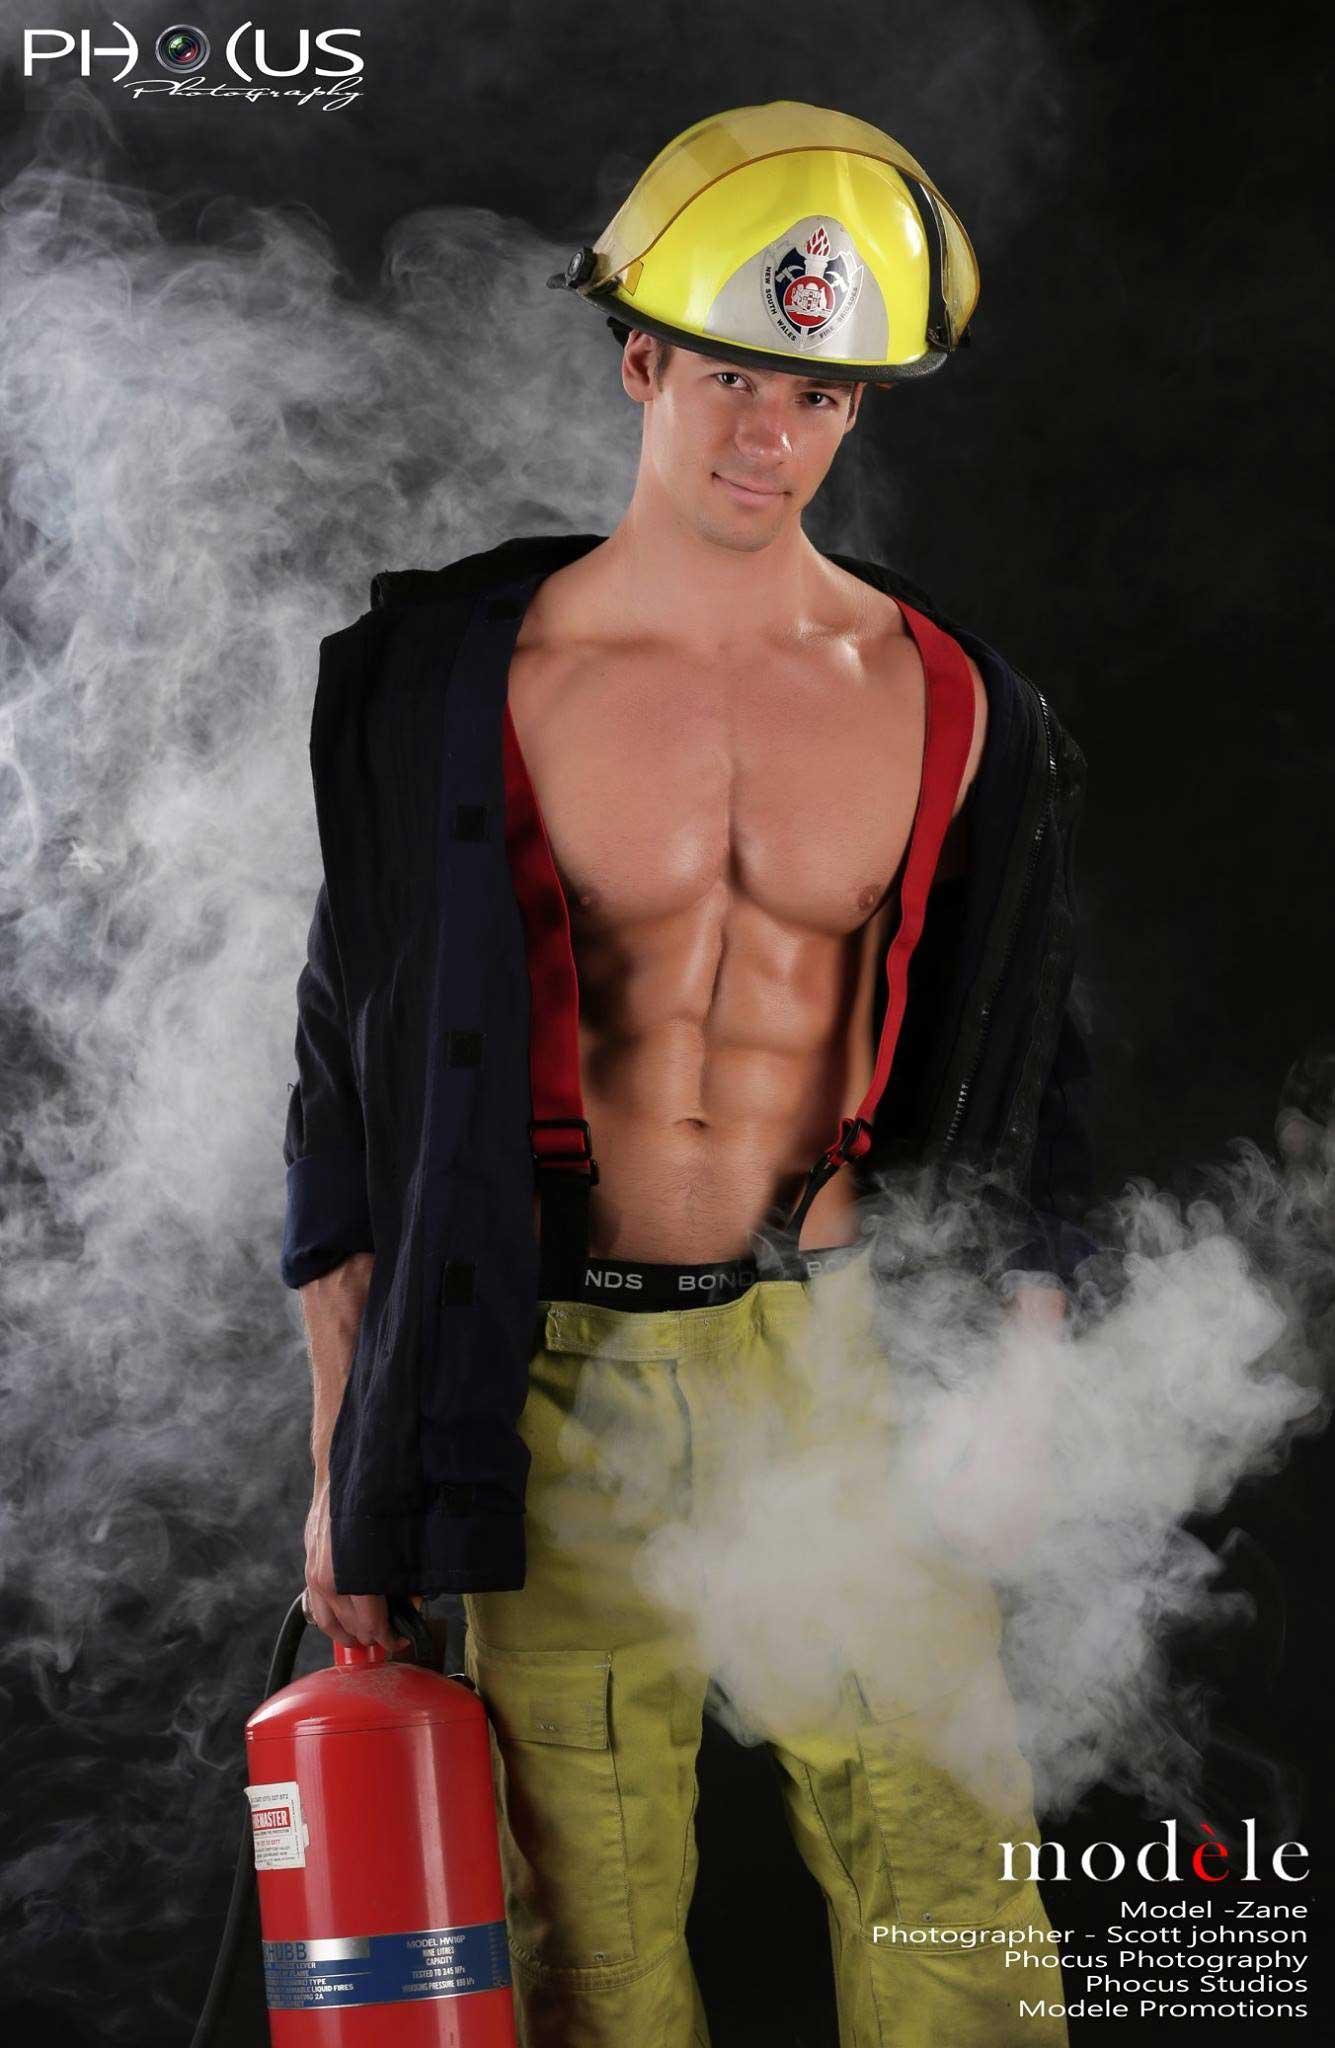 Zane - Hot Male Strippers Fireman